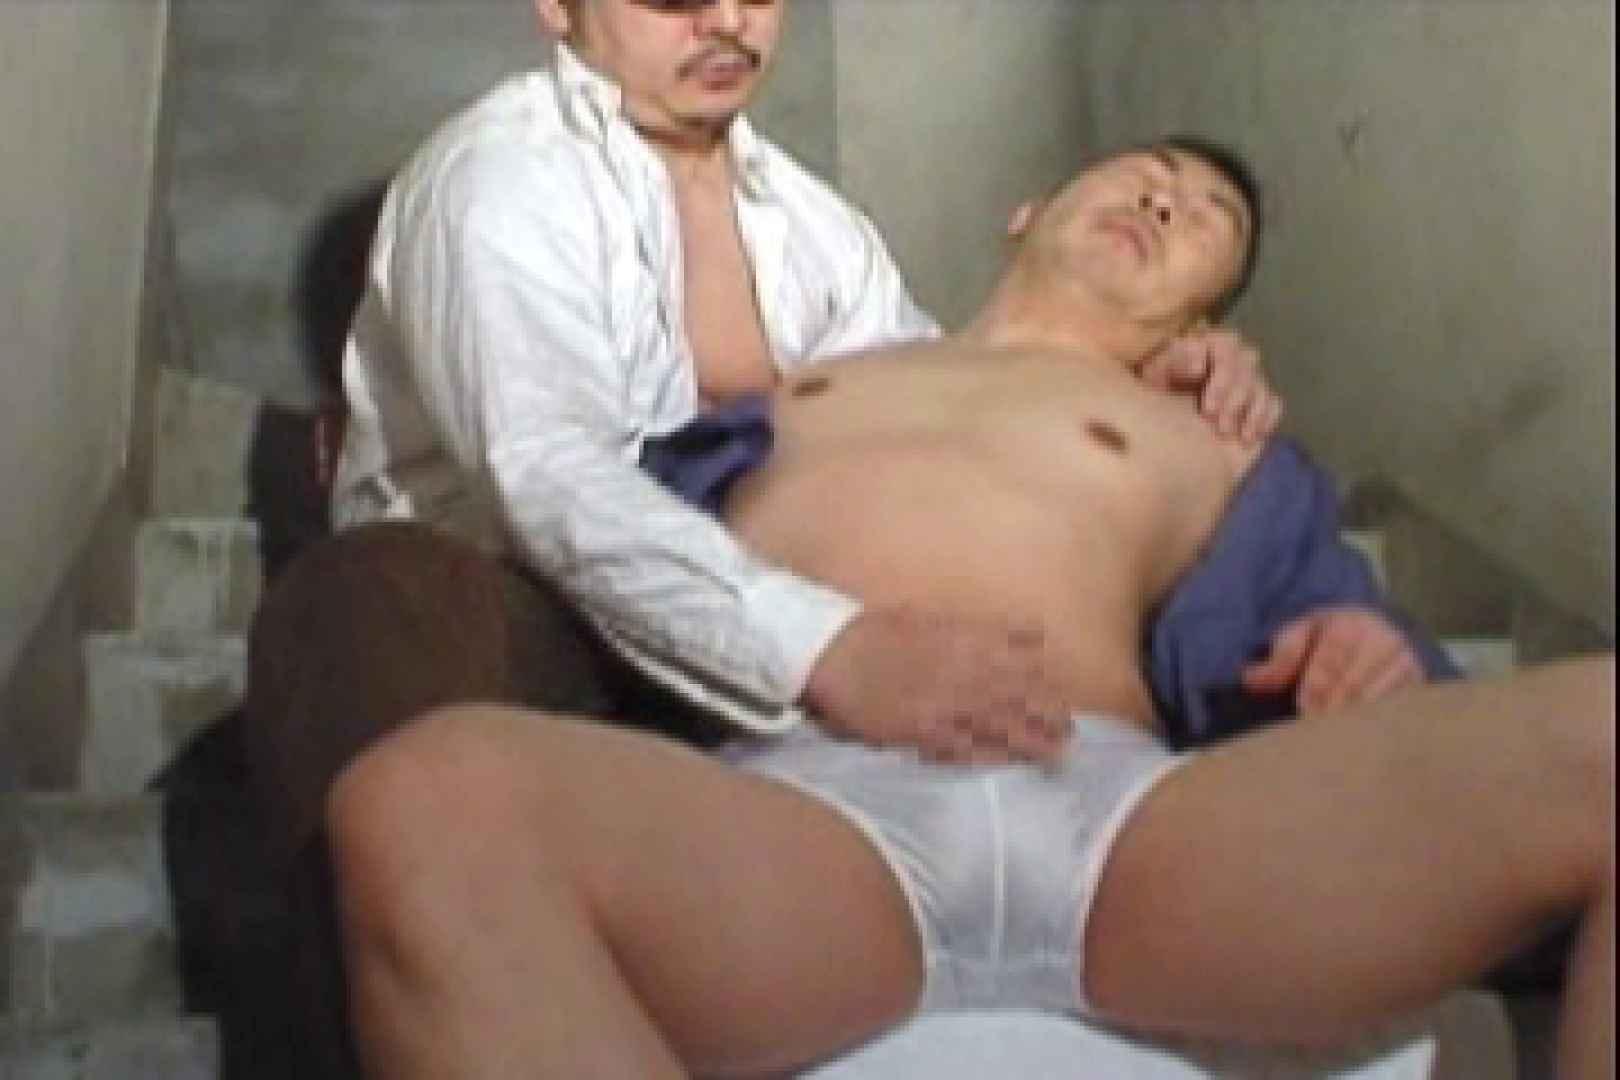 ガチムチリーマンFucker!!vol.02 アナルで大興奮 ゲイエロビデオ画像 80枚 27